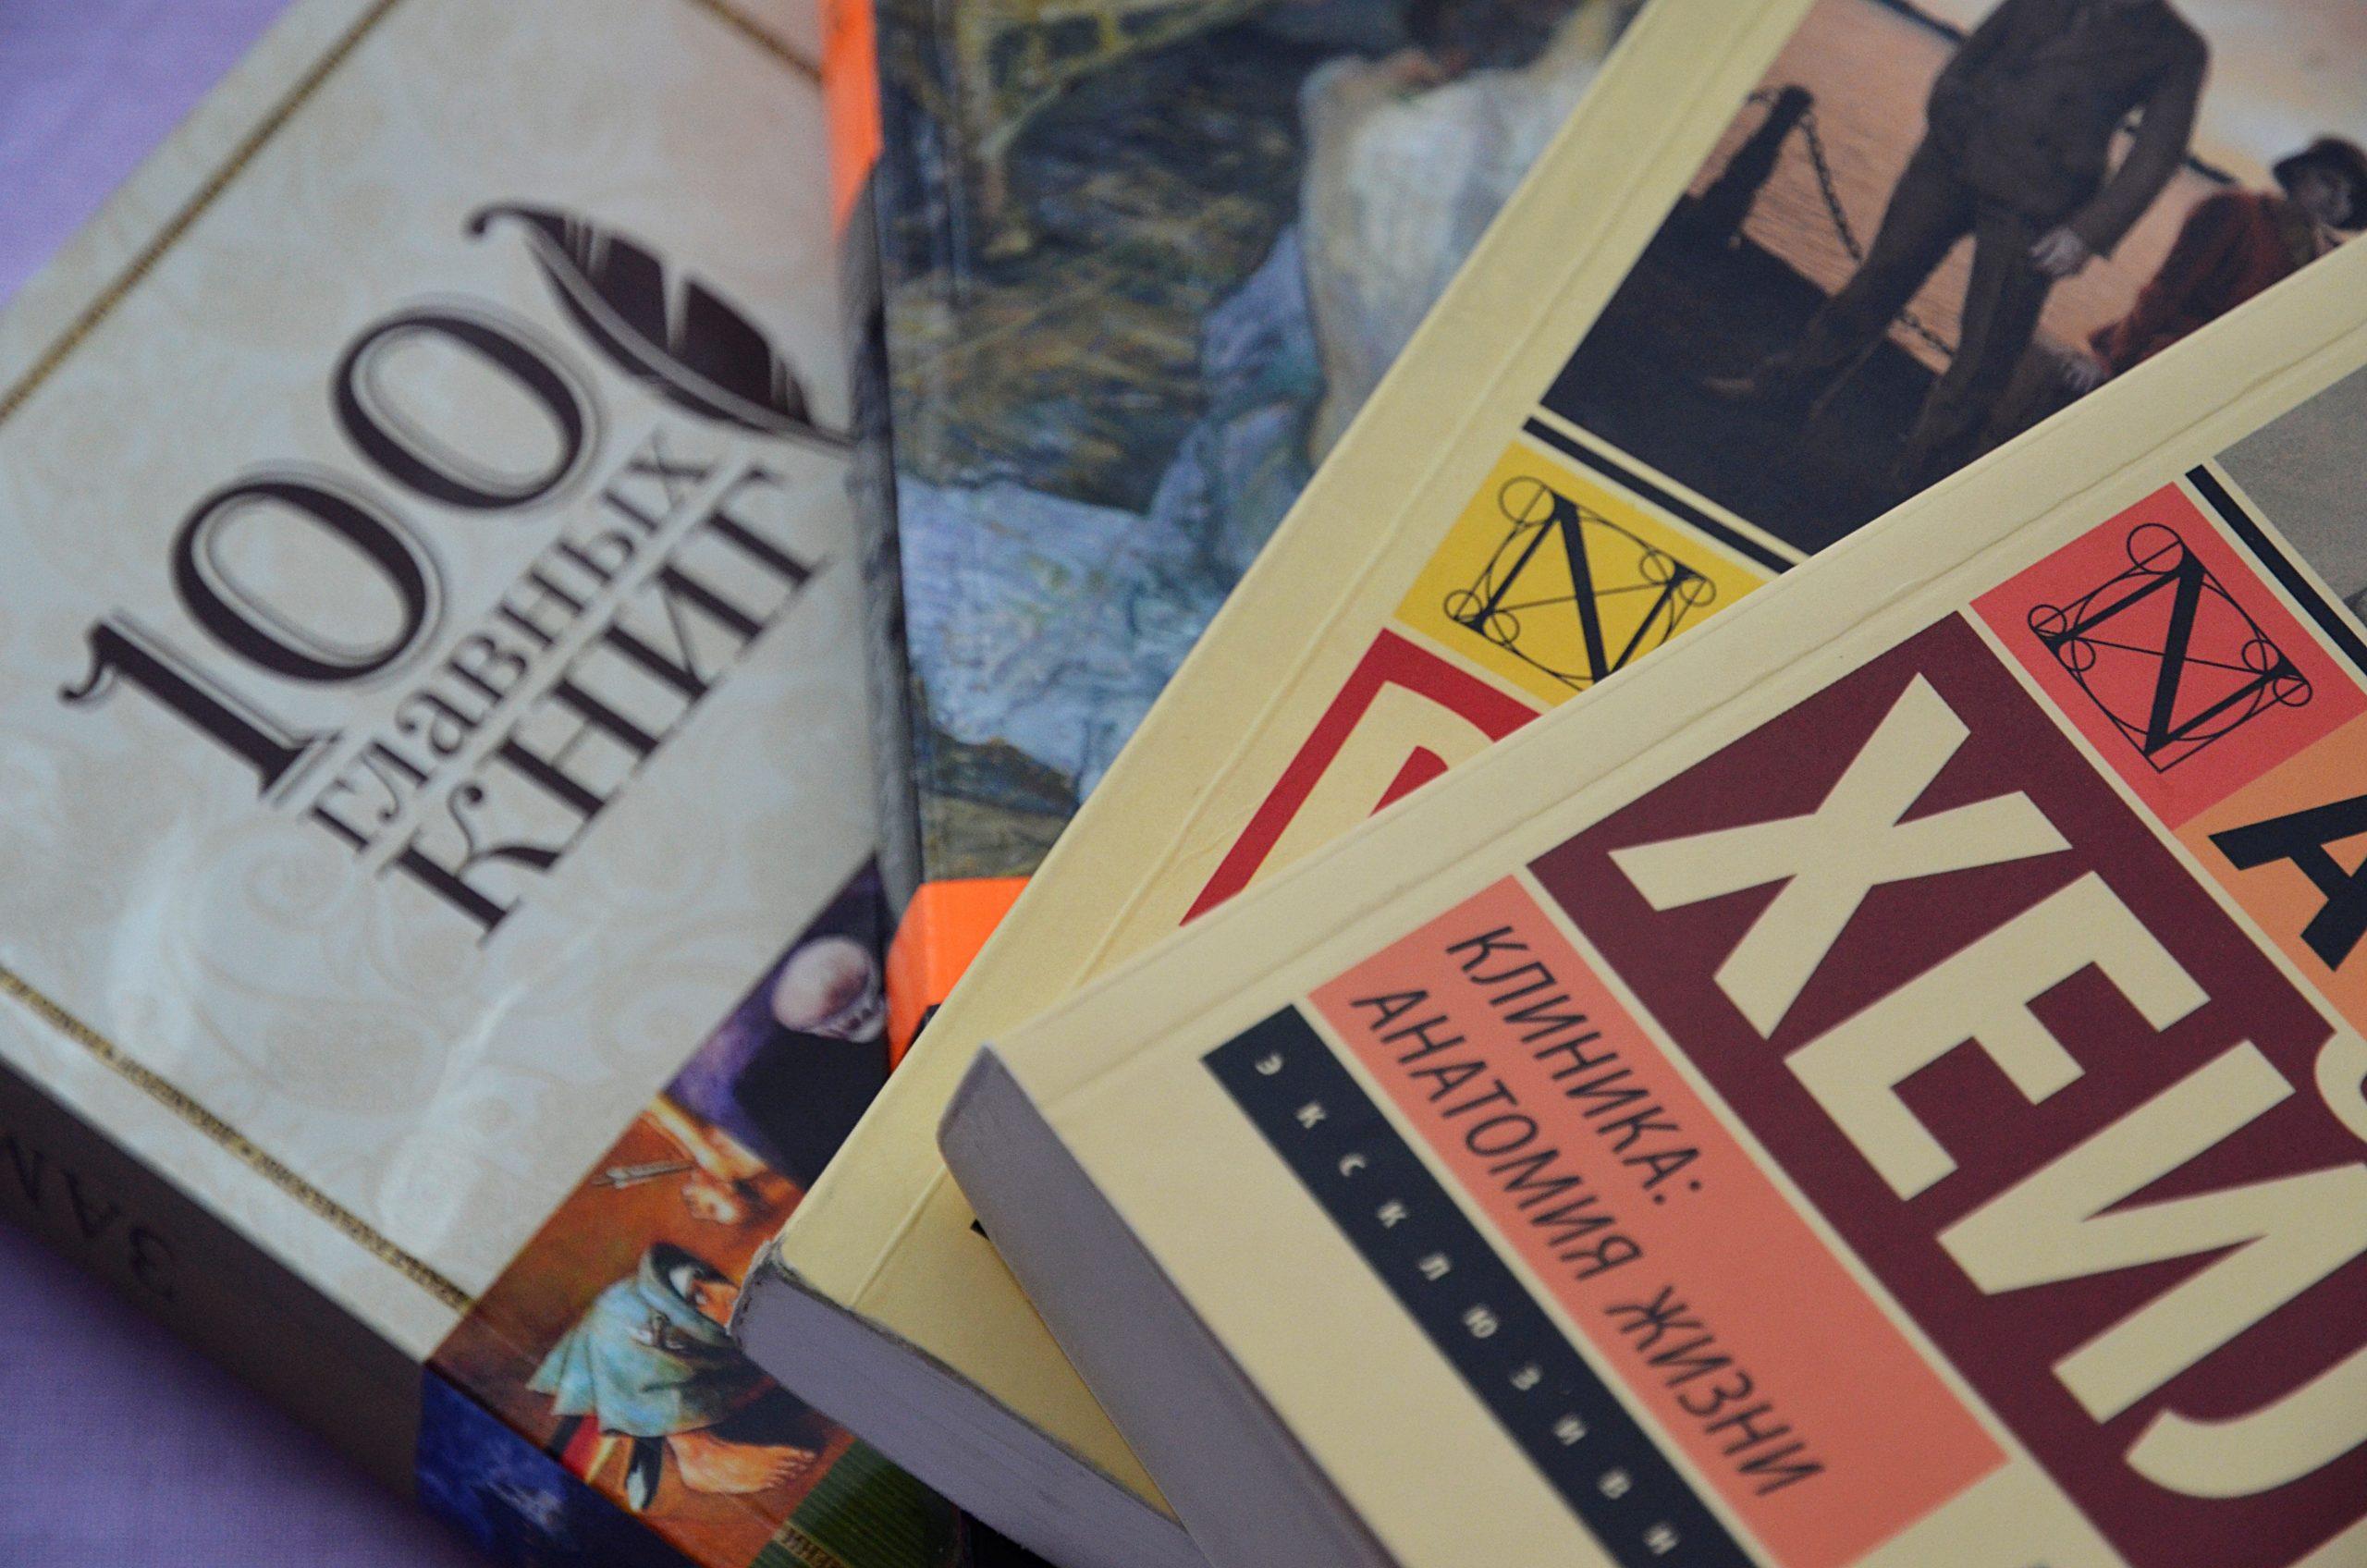 Сотрудники библиотеки №152 рассказали москвичам о любимом городе поэта Иосифа Бродского. Фото: Анна Быкова